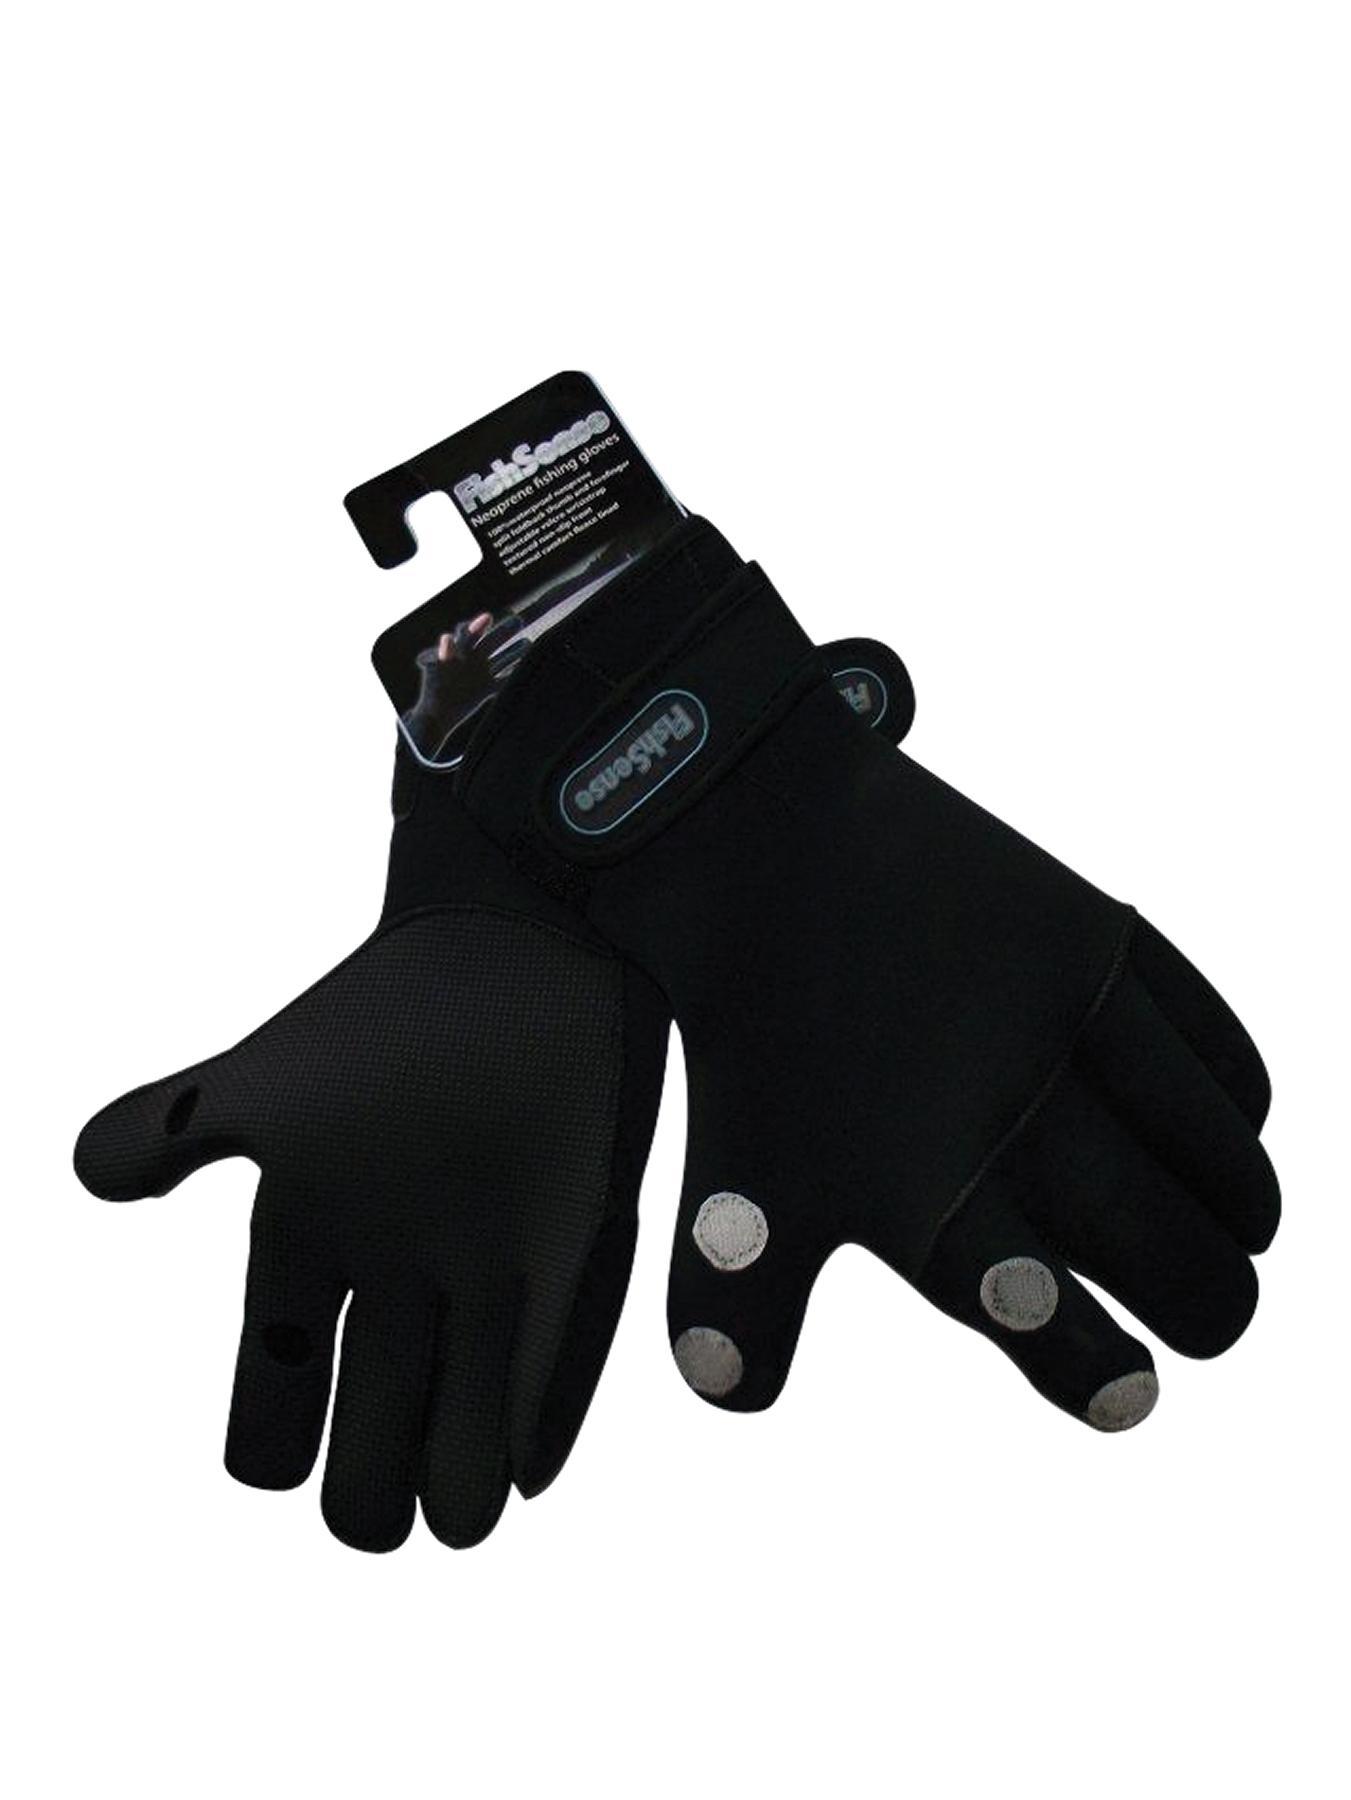 Fishsense Angler's Neoprene Gloves